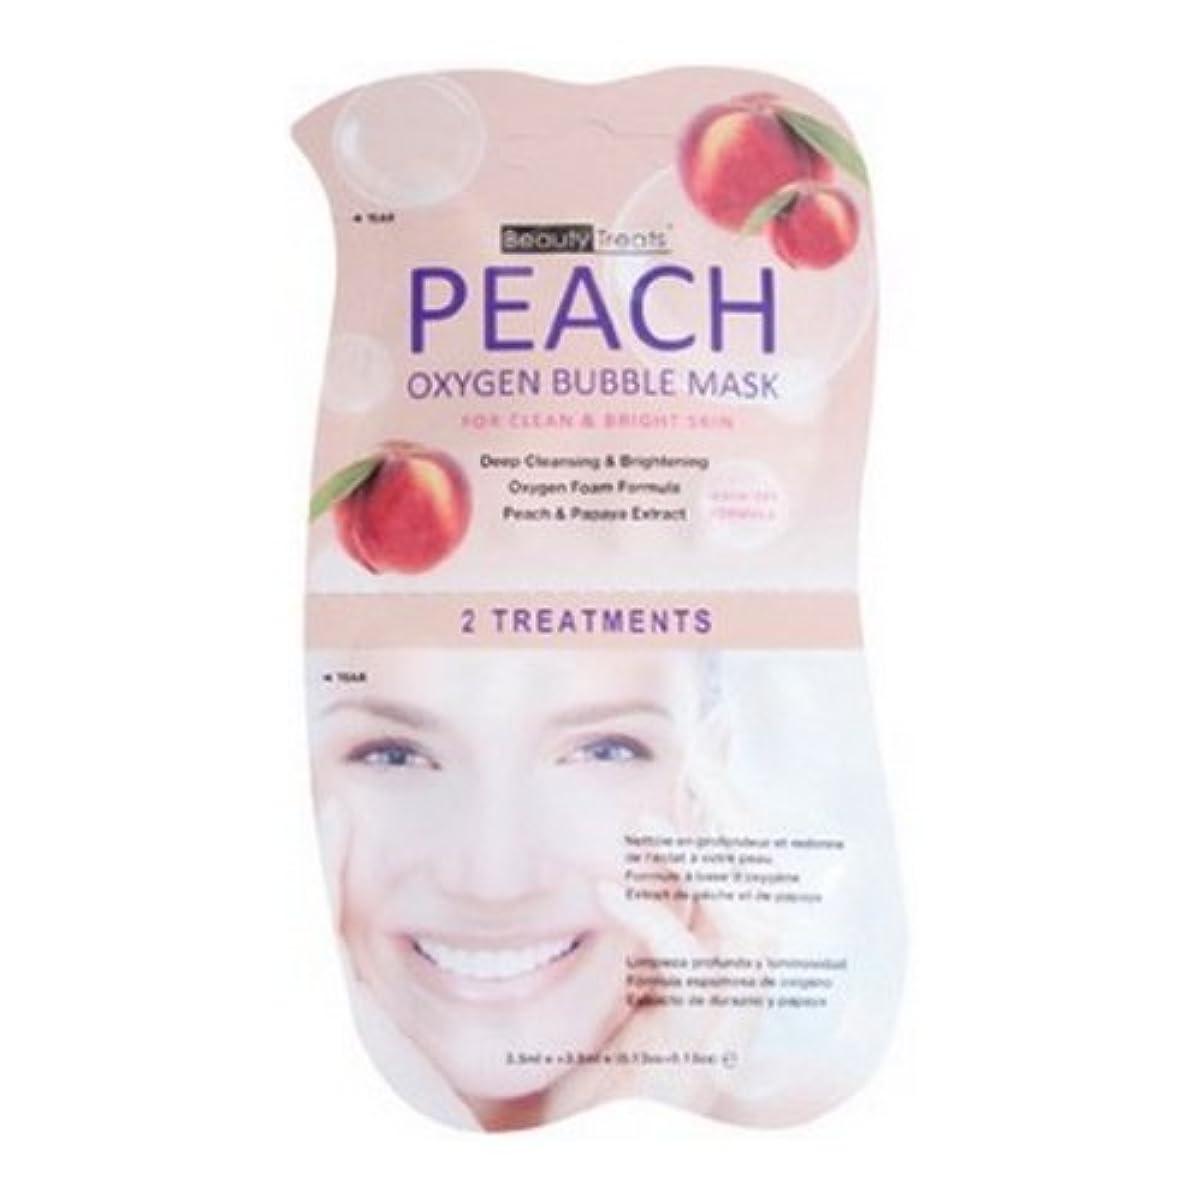 道路才能宣伝(3 Pack) BEAUTY TREATS Peach Oxygen Bubble Mask - Peach (並行輸入品)